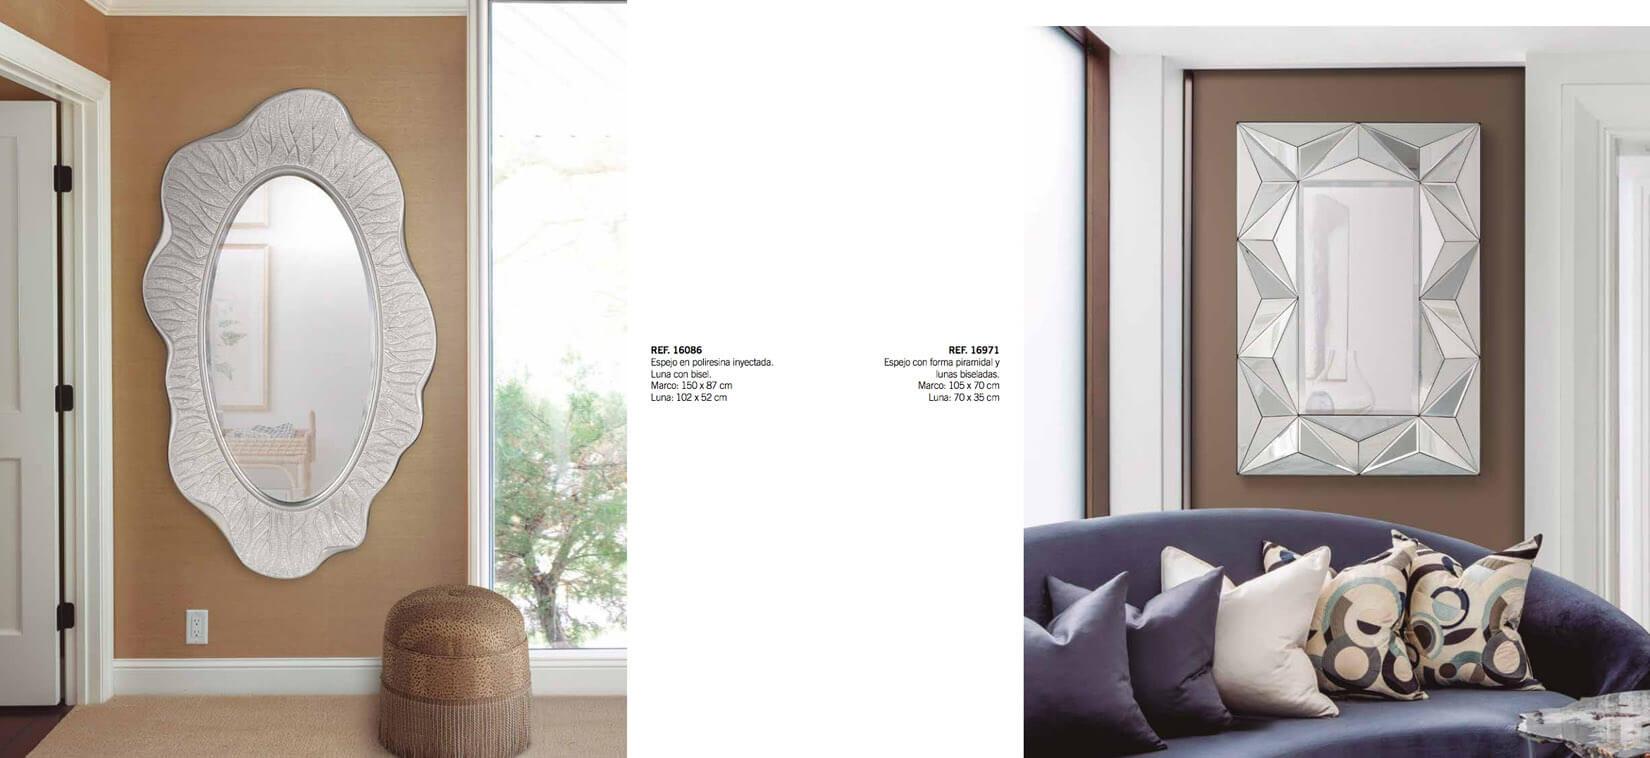 Interiorismo Espejos GYC - Ref. 0001